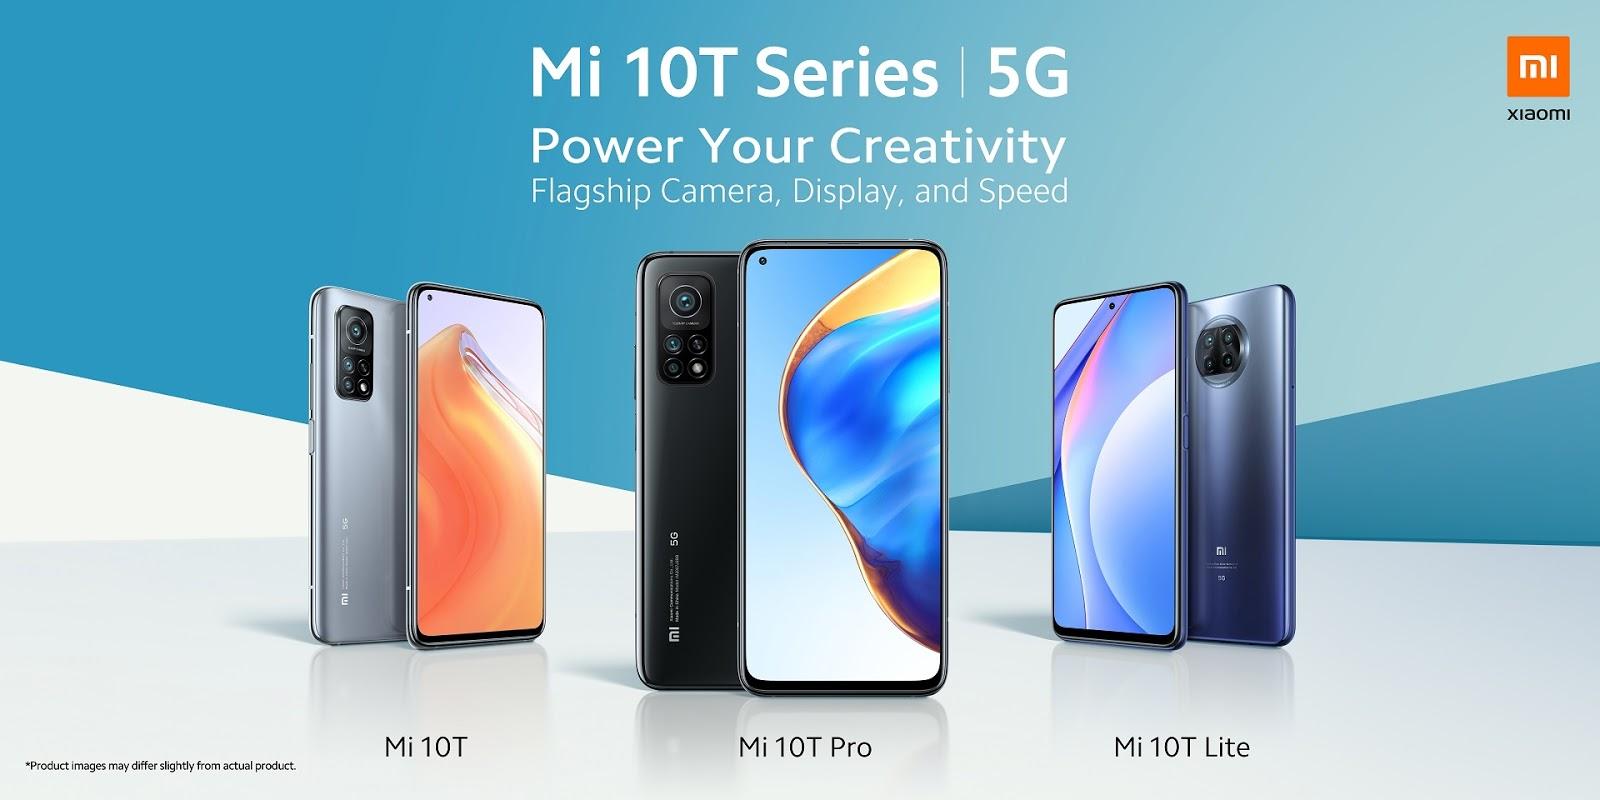 Xiaomi เปิดตัว Mi 10T Series สมาร์ทโฟนประสิทธิภาพสูงที่ดีที่สุดทั้งสามรุ่นสำหรับการทำงานการเล่นเกมและการใช้งานในชีวิตประจำวัน และ Mi Watch จำหน่ายในไทยเร็วๆนี้